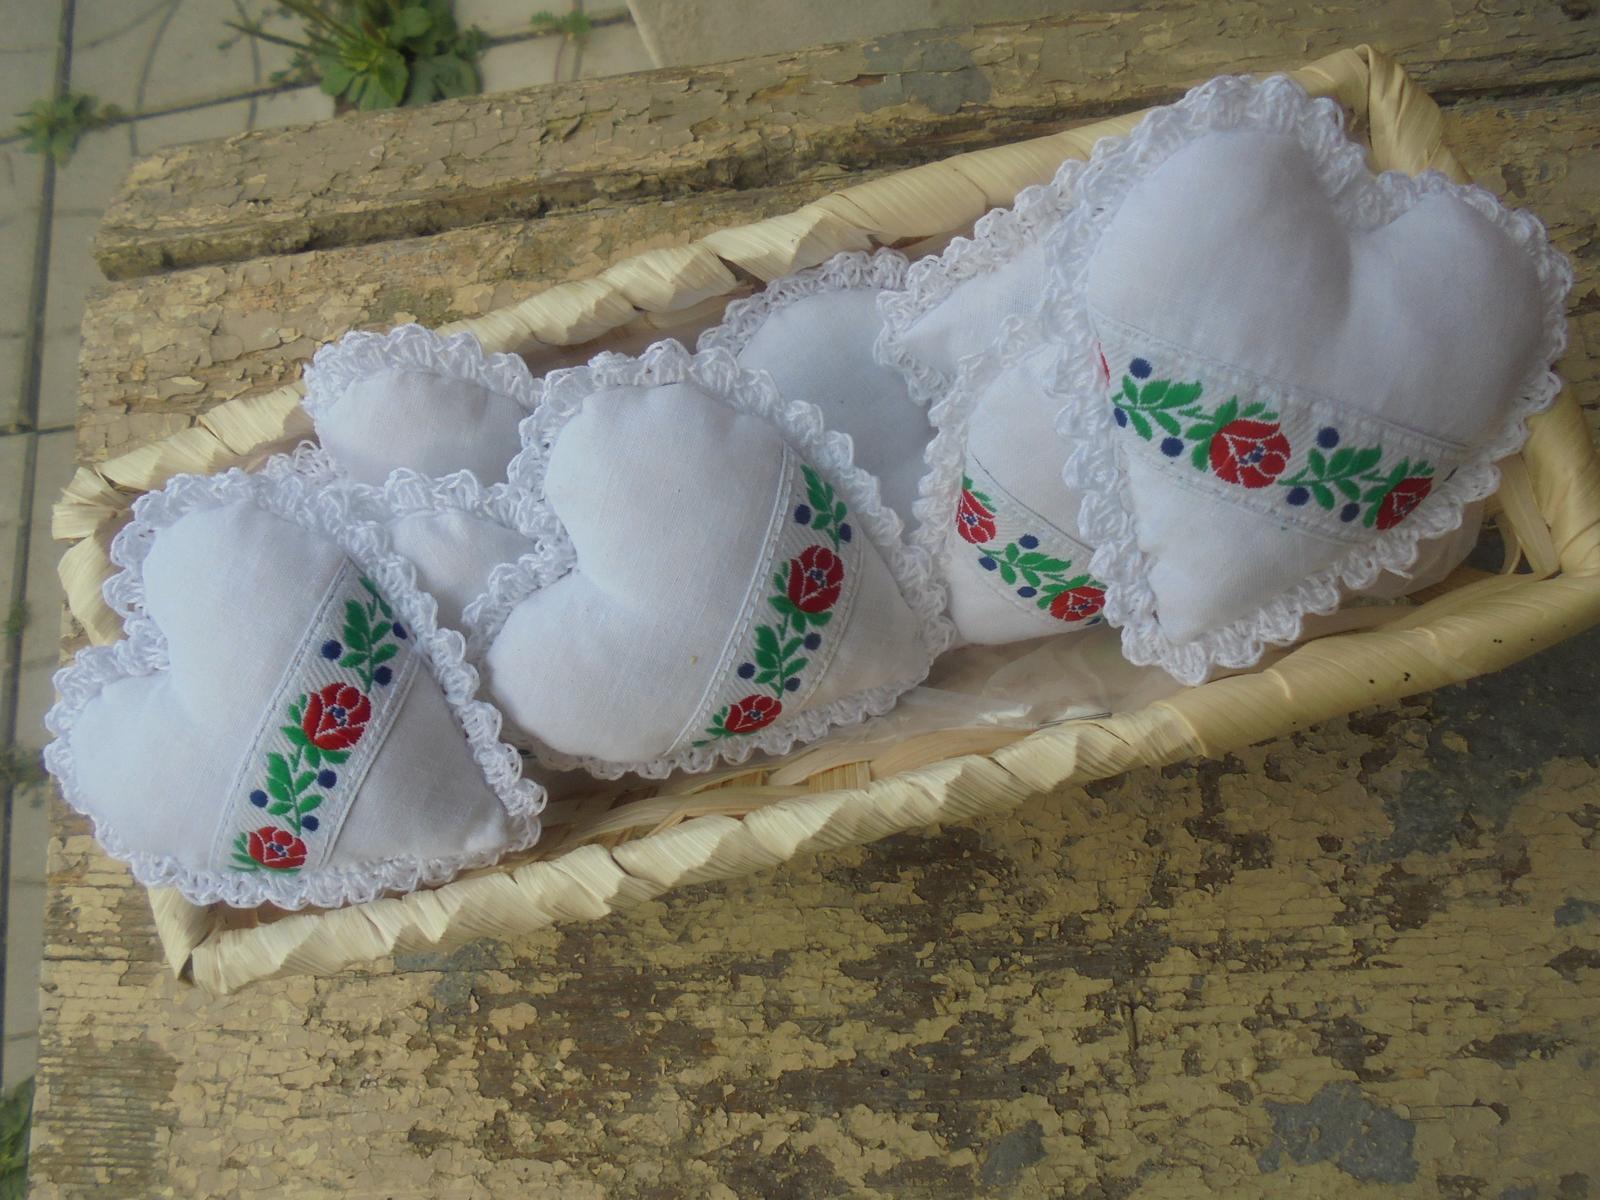 Ľudové svadobné  darčeky.pierka a dekoracie - Obrázok č. 2